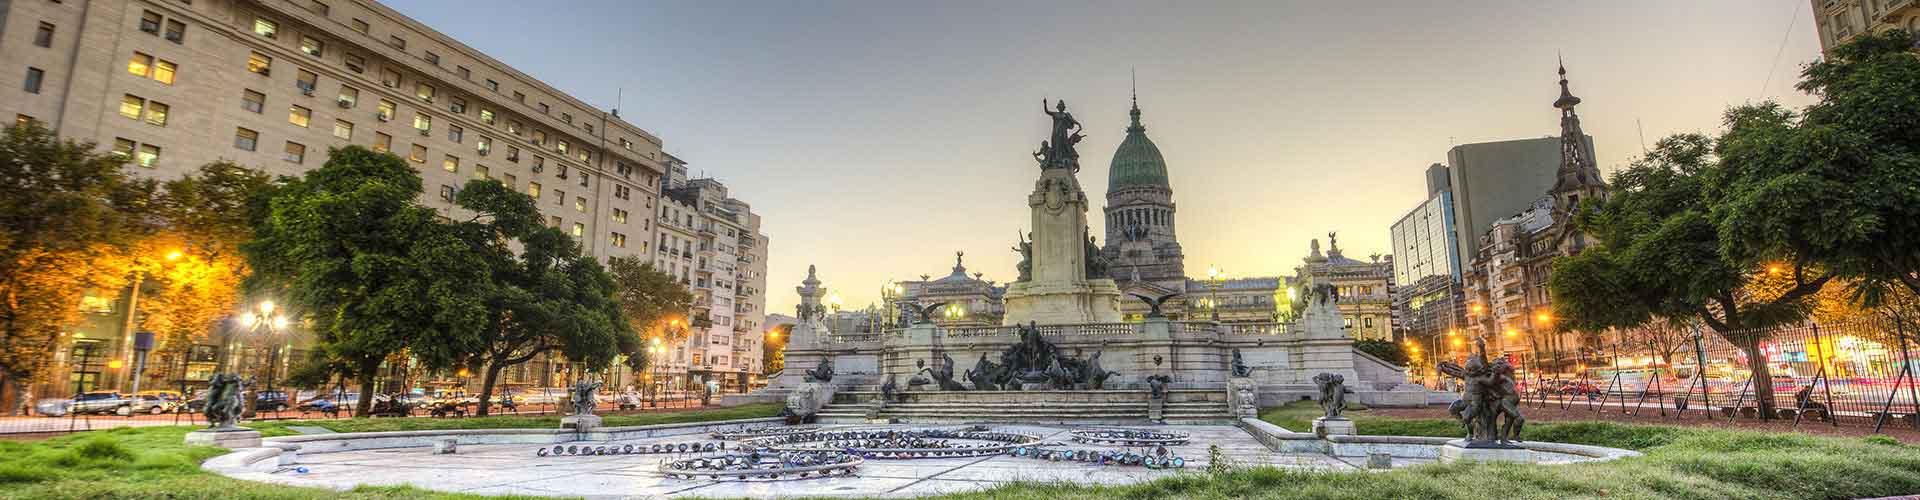 布宜诺斯艾利斯 – 纽伯瑞机场 附近的青年旅舍。布宜诺斯艾利斯地图,布宜诺斯艾利斯 所有青年旅馆的照片和评分。